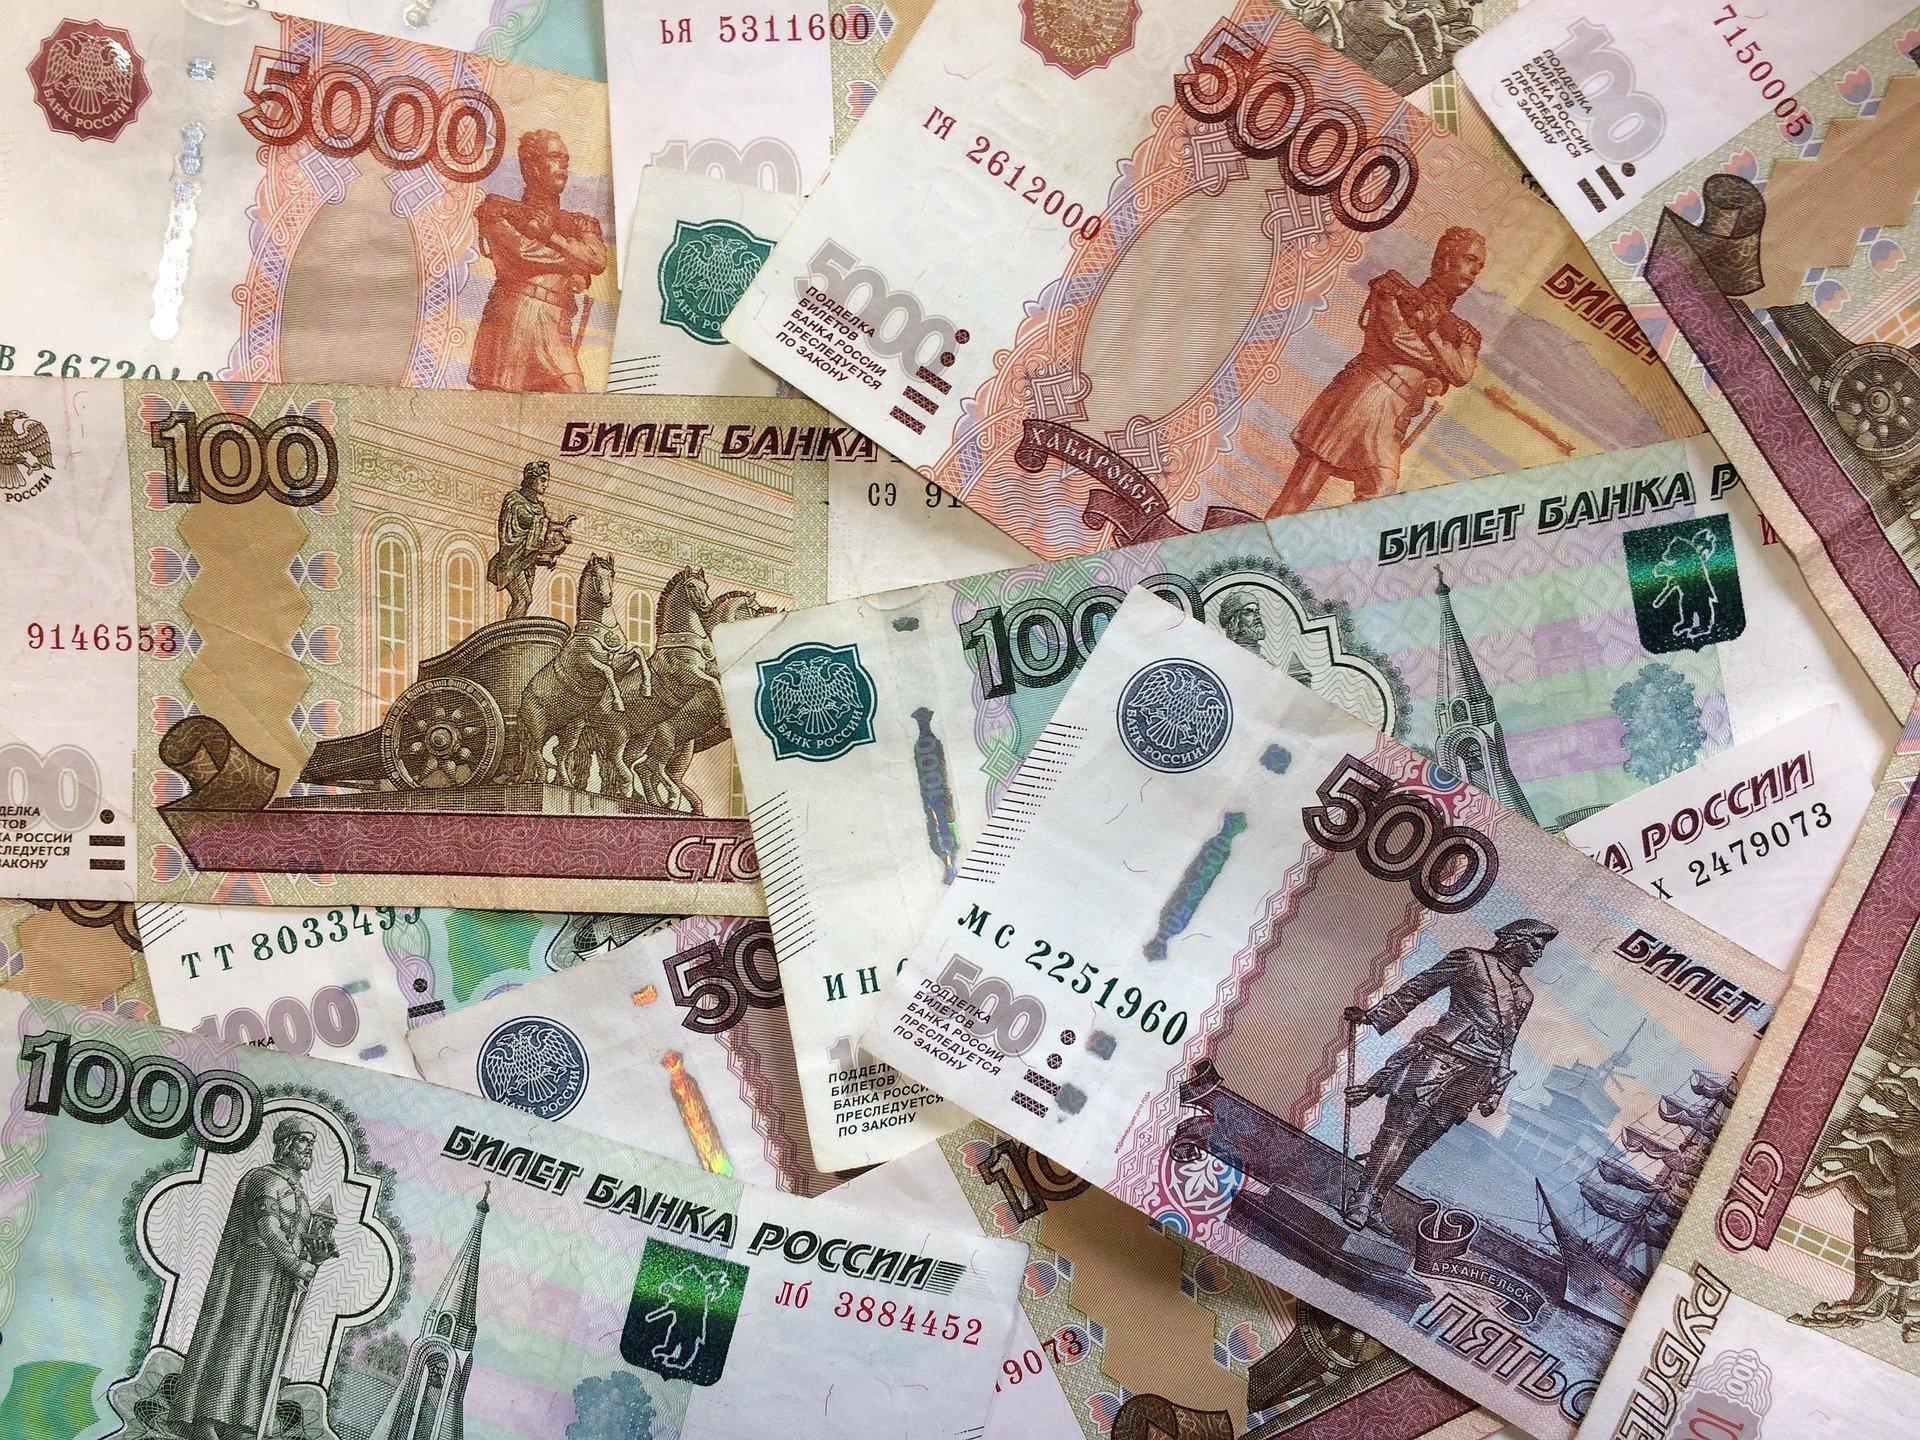 СМИ: Экс-руководители субъектов федерации стали самыми состоятельными пенсионерами в России